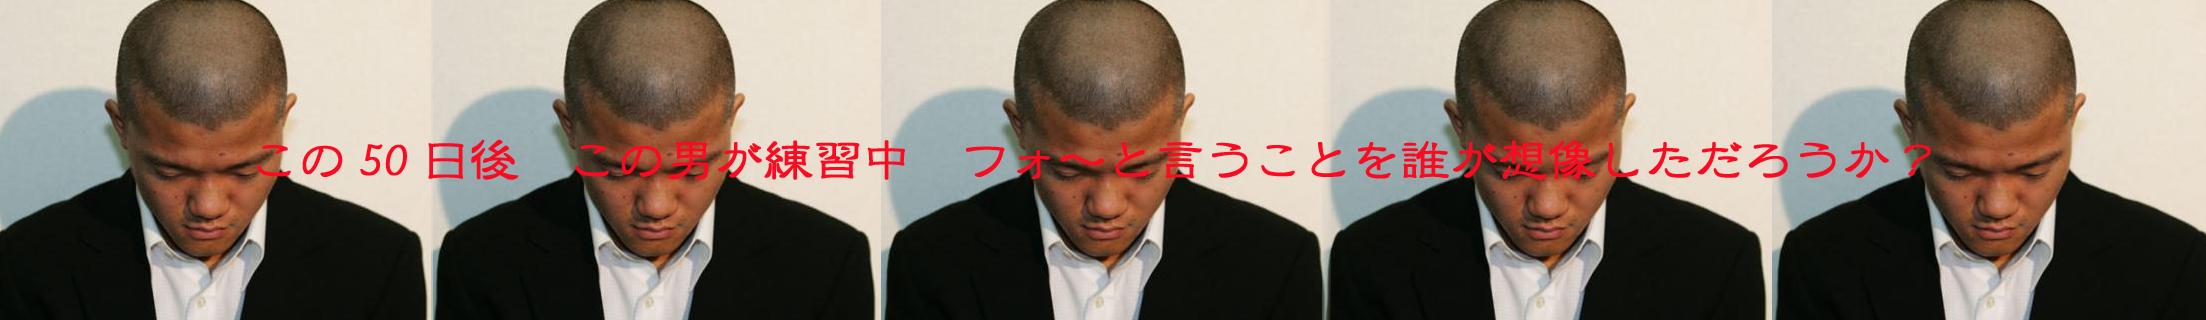 「亀田大毅」物語_a0019032_19134246.jpg